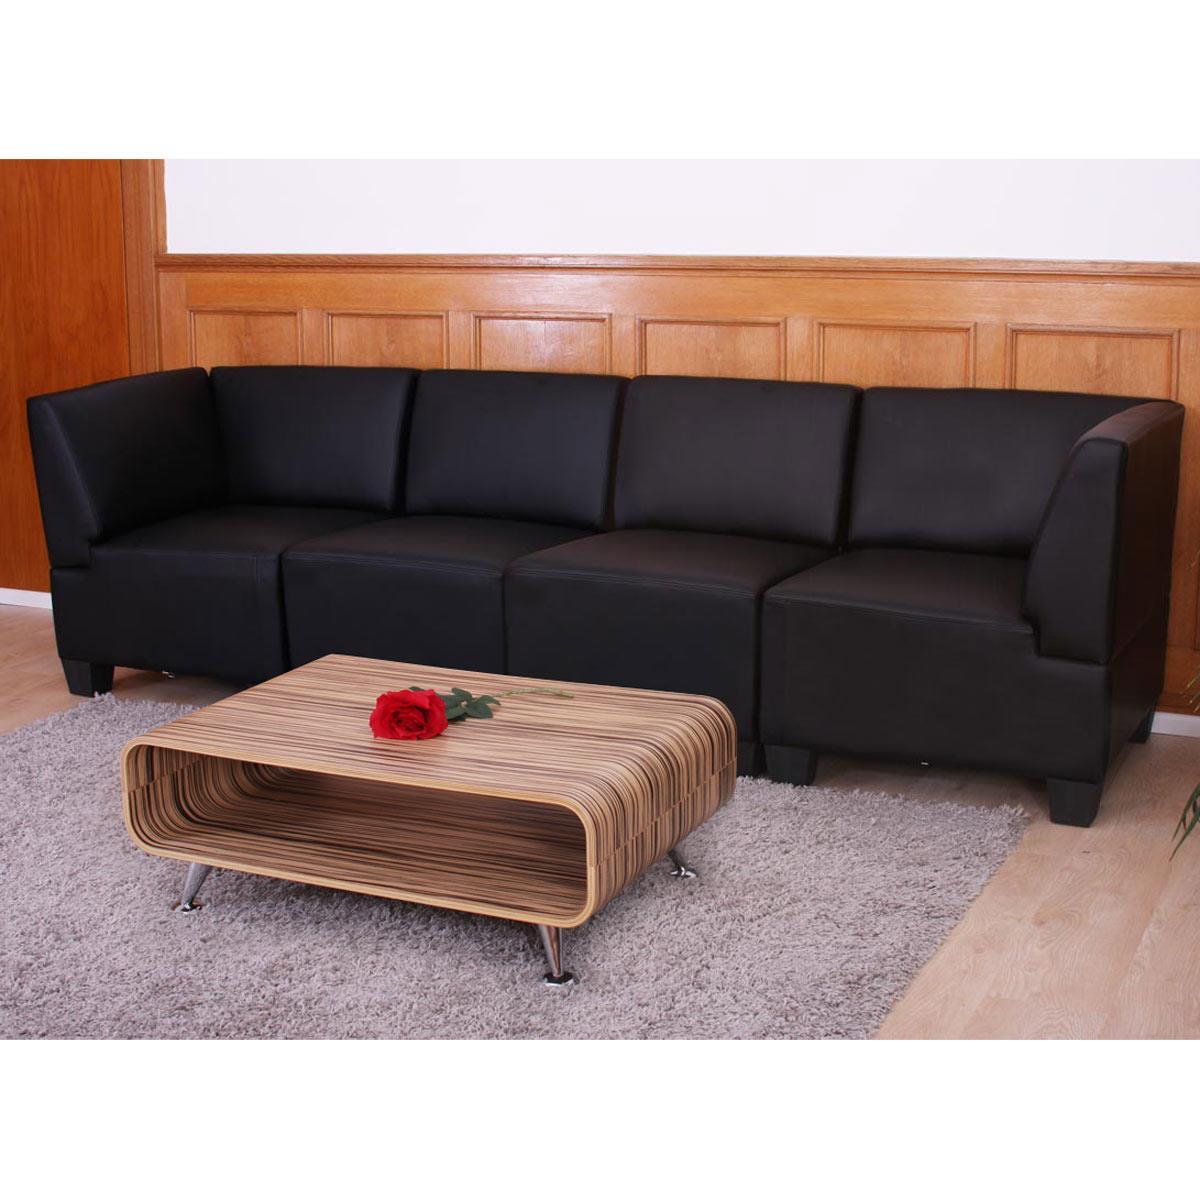 Divano modulare 4 posti lyon braccioli alti comodo in for Divano 4 posti